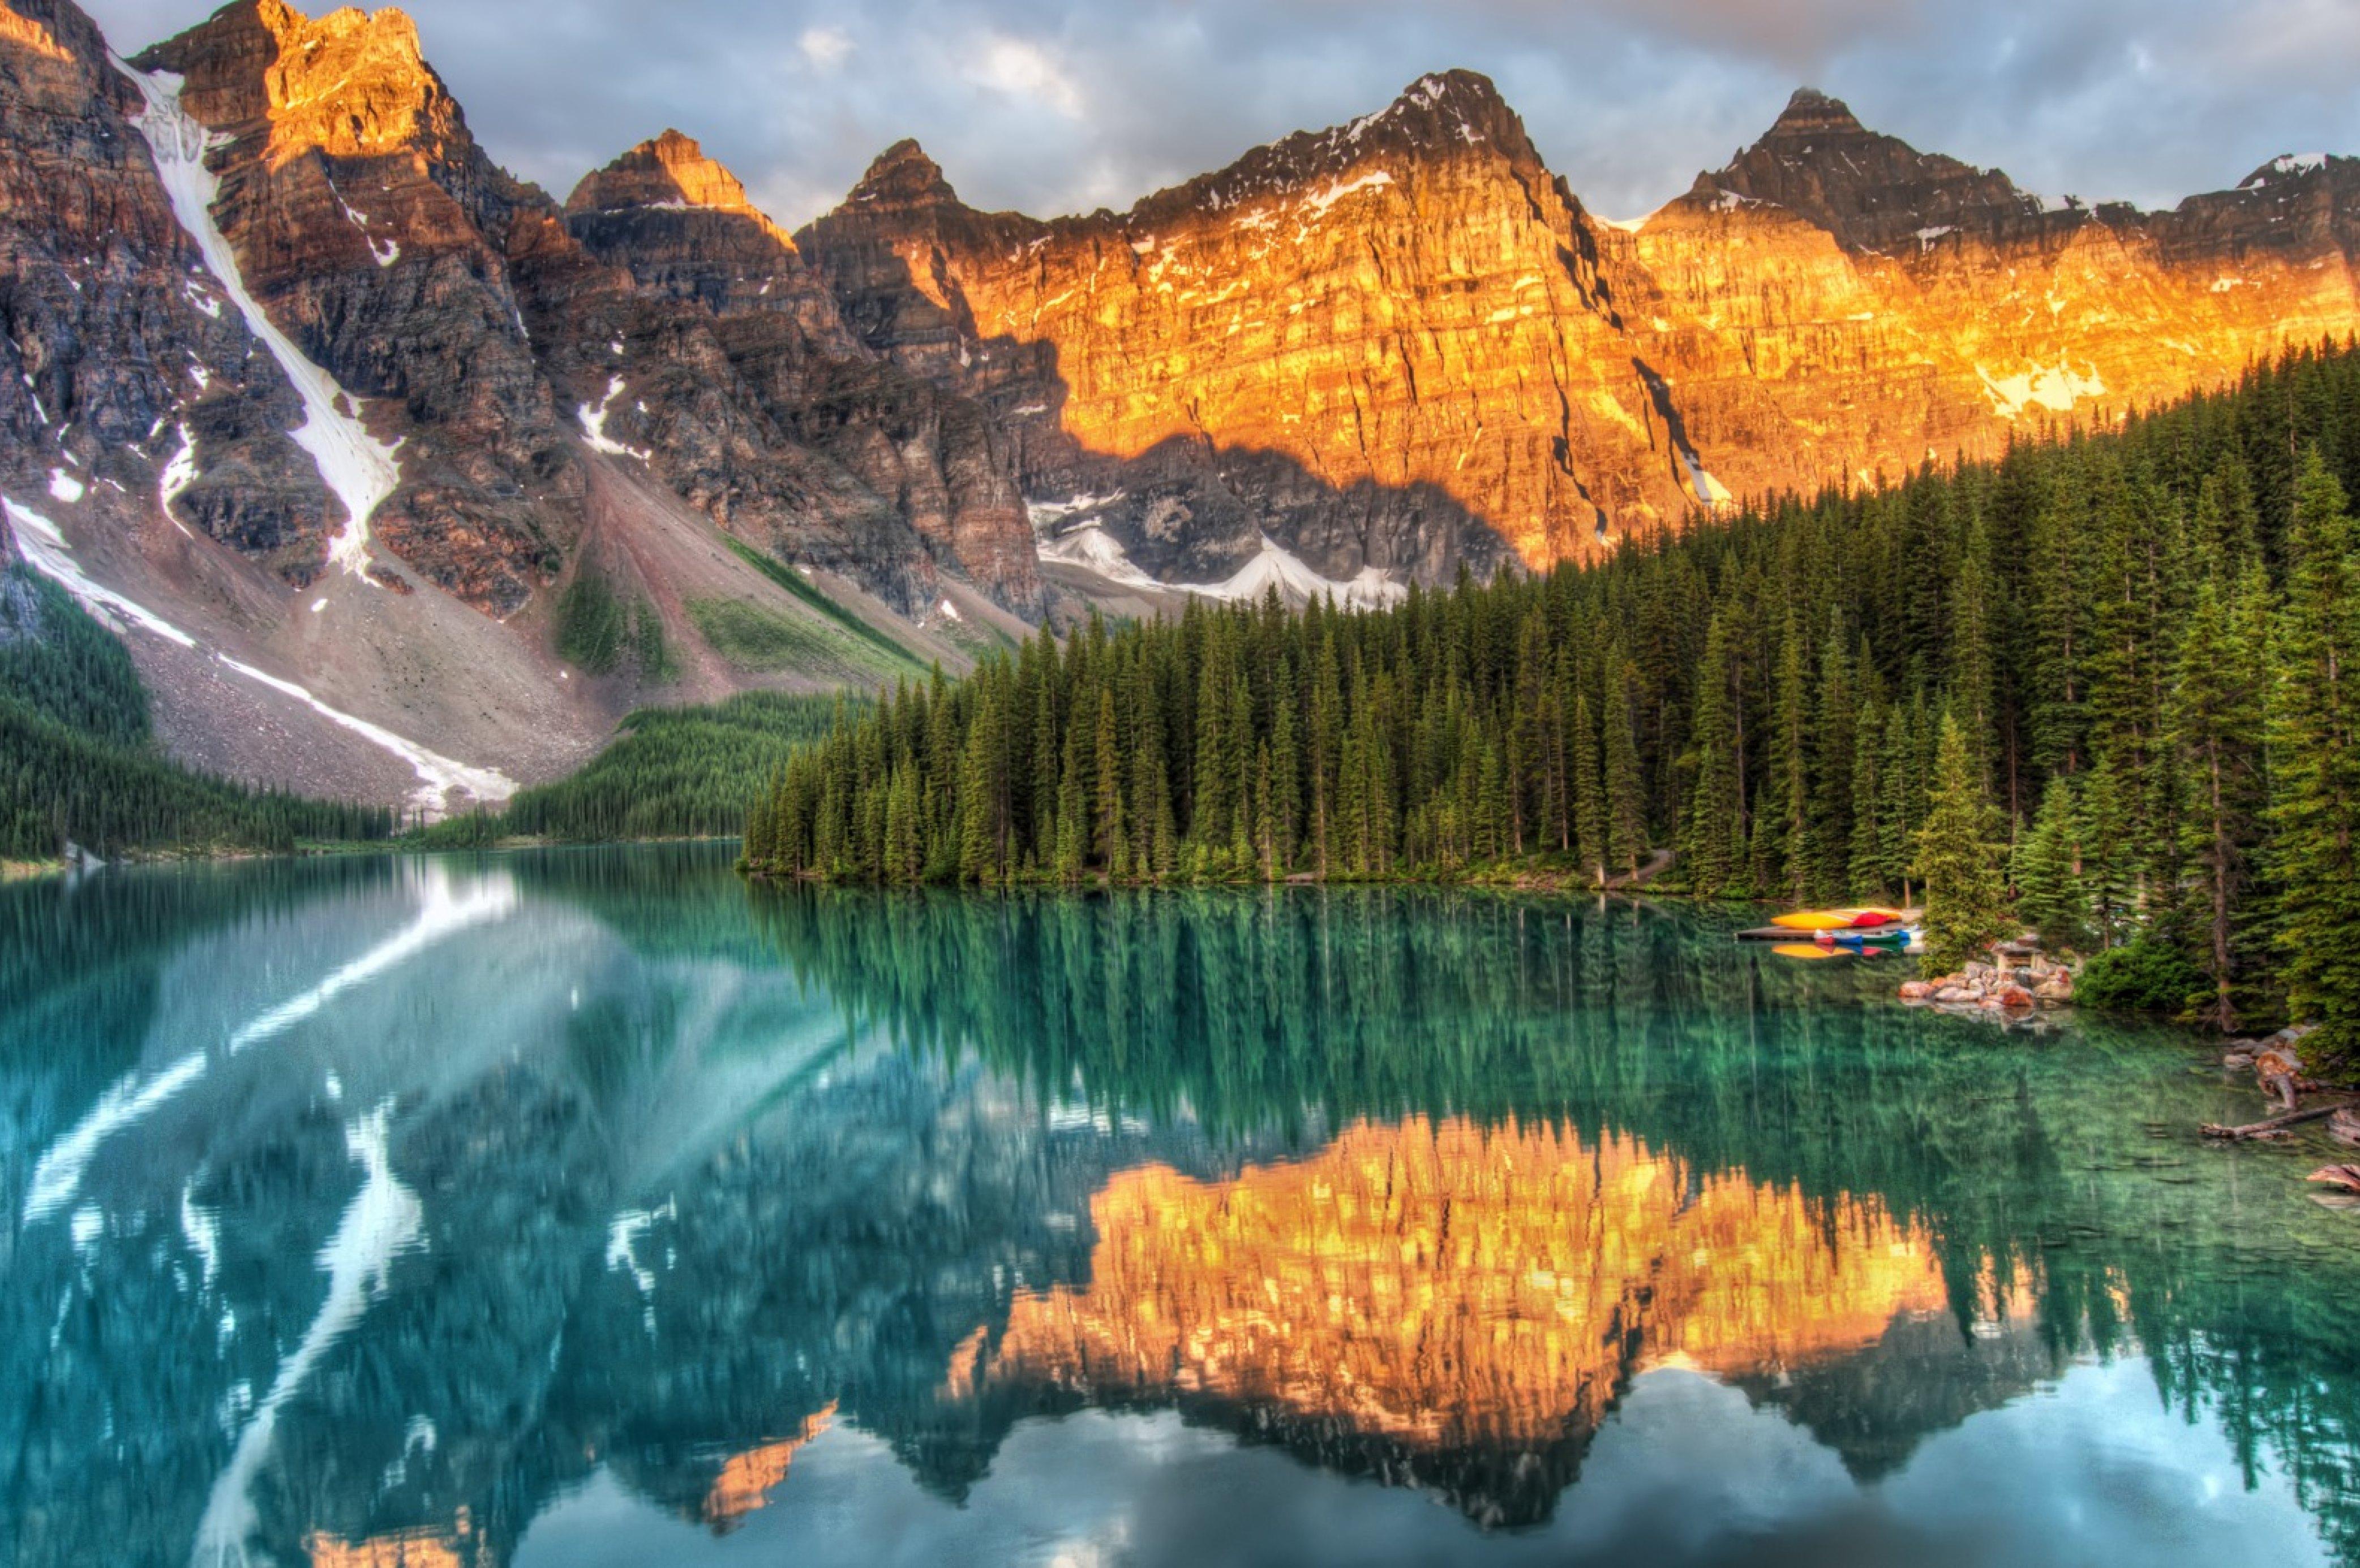 Jezero koje ostavlja bez daha: kanadsko jezero Morein 1546237-4170x2771-0_1833lake_moraine_banff_national_park